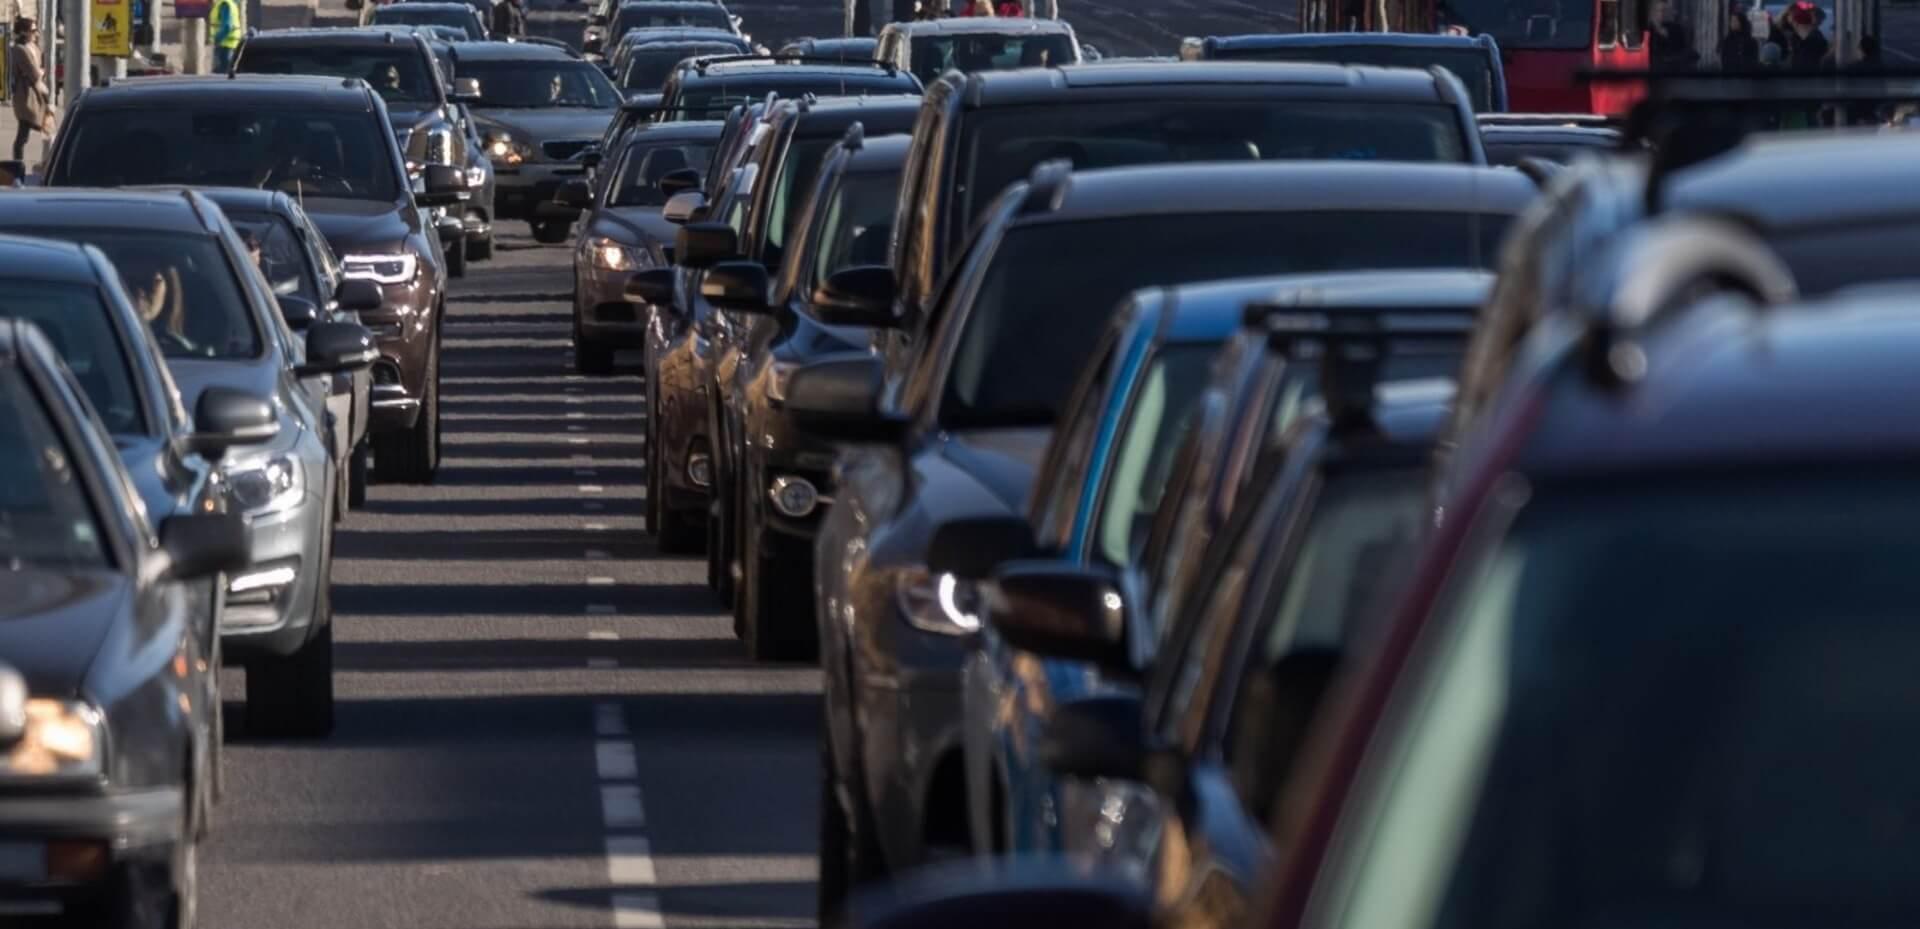 В Киеве 90% загрязнения воздуха формируется за счет транспорта 1